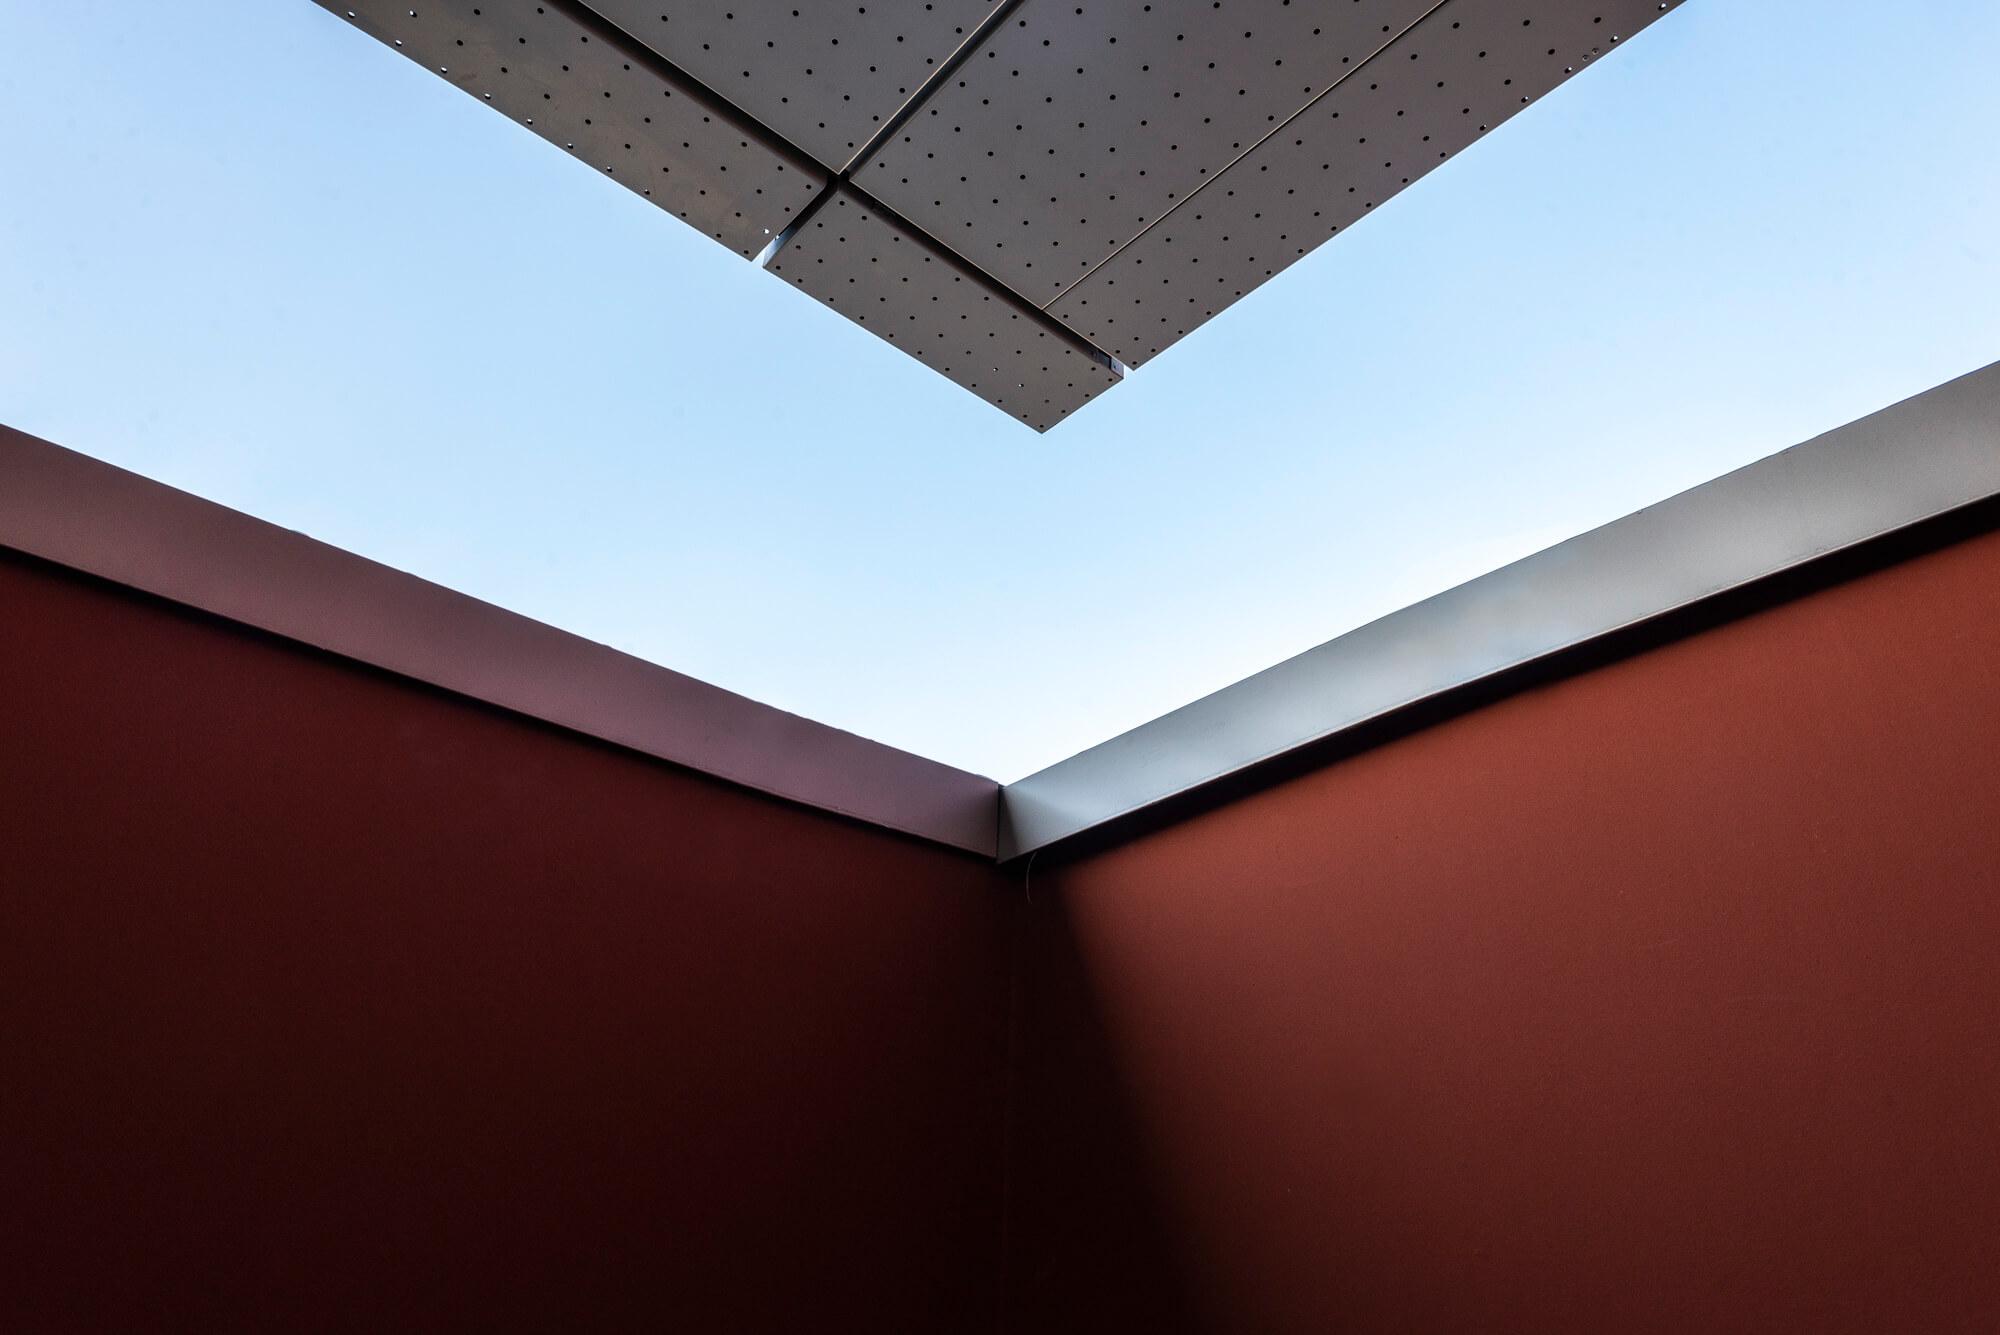 Come bocabeille studio cob architecture paris photo architecture photographie photographe paris BFV 2en1